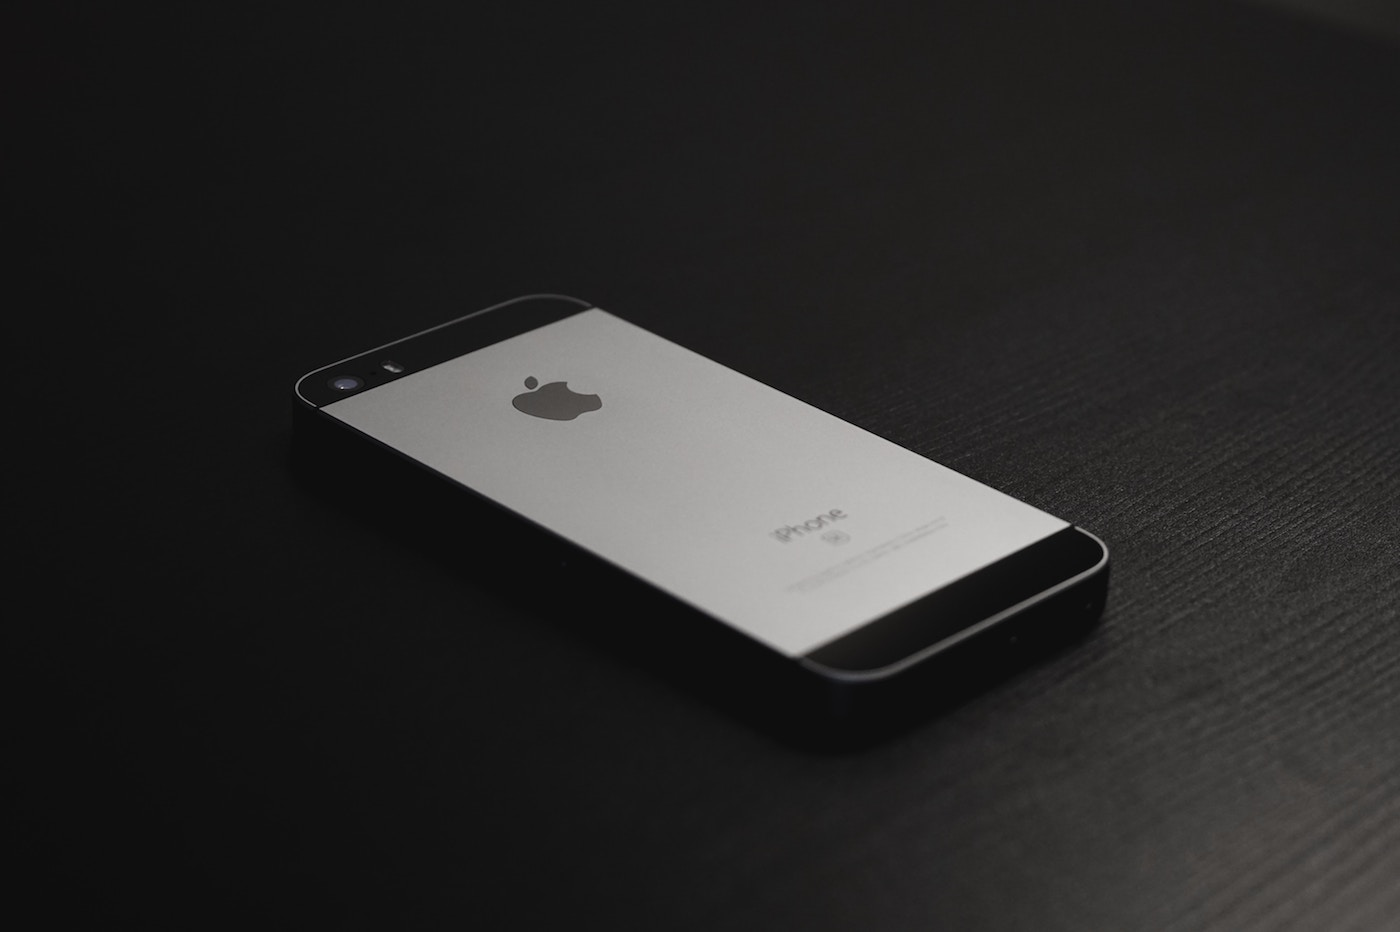 Si vous possédez un iPhone 5, mettez à jour iOS dès maintenant